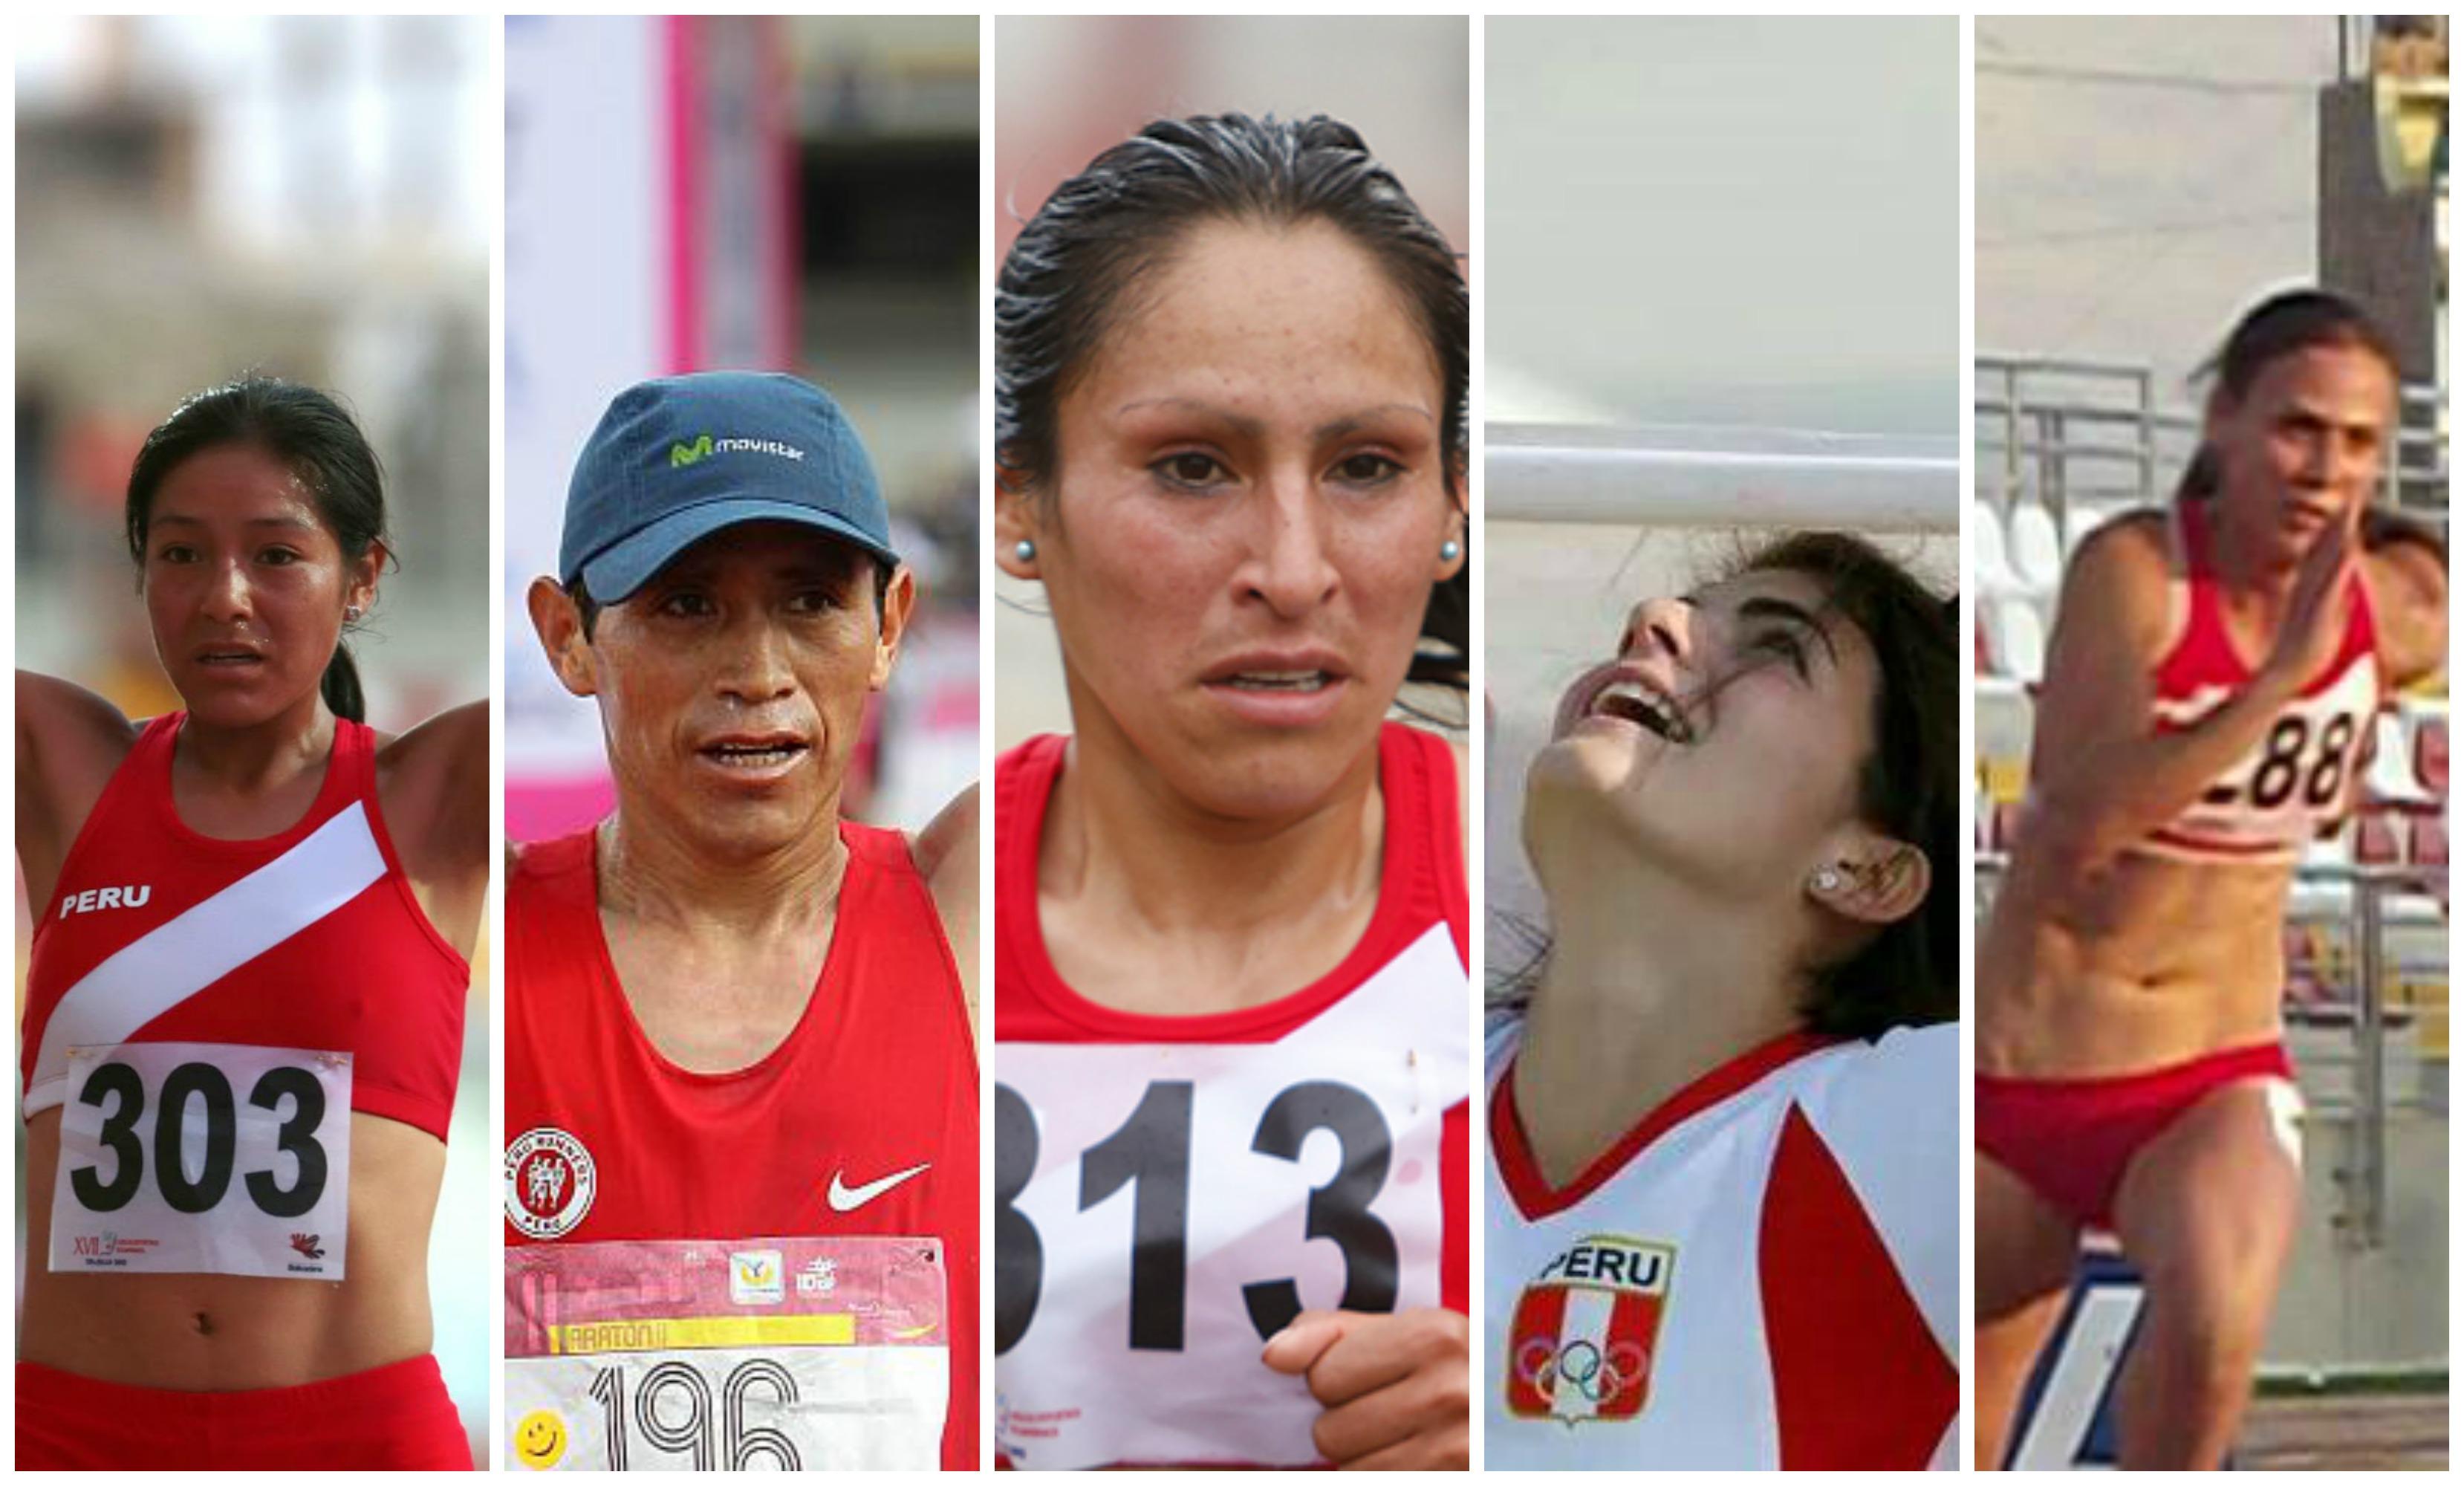 Un fin de semana inolvidable para el Atletismo Peruano